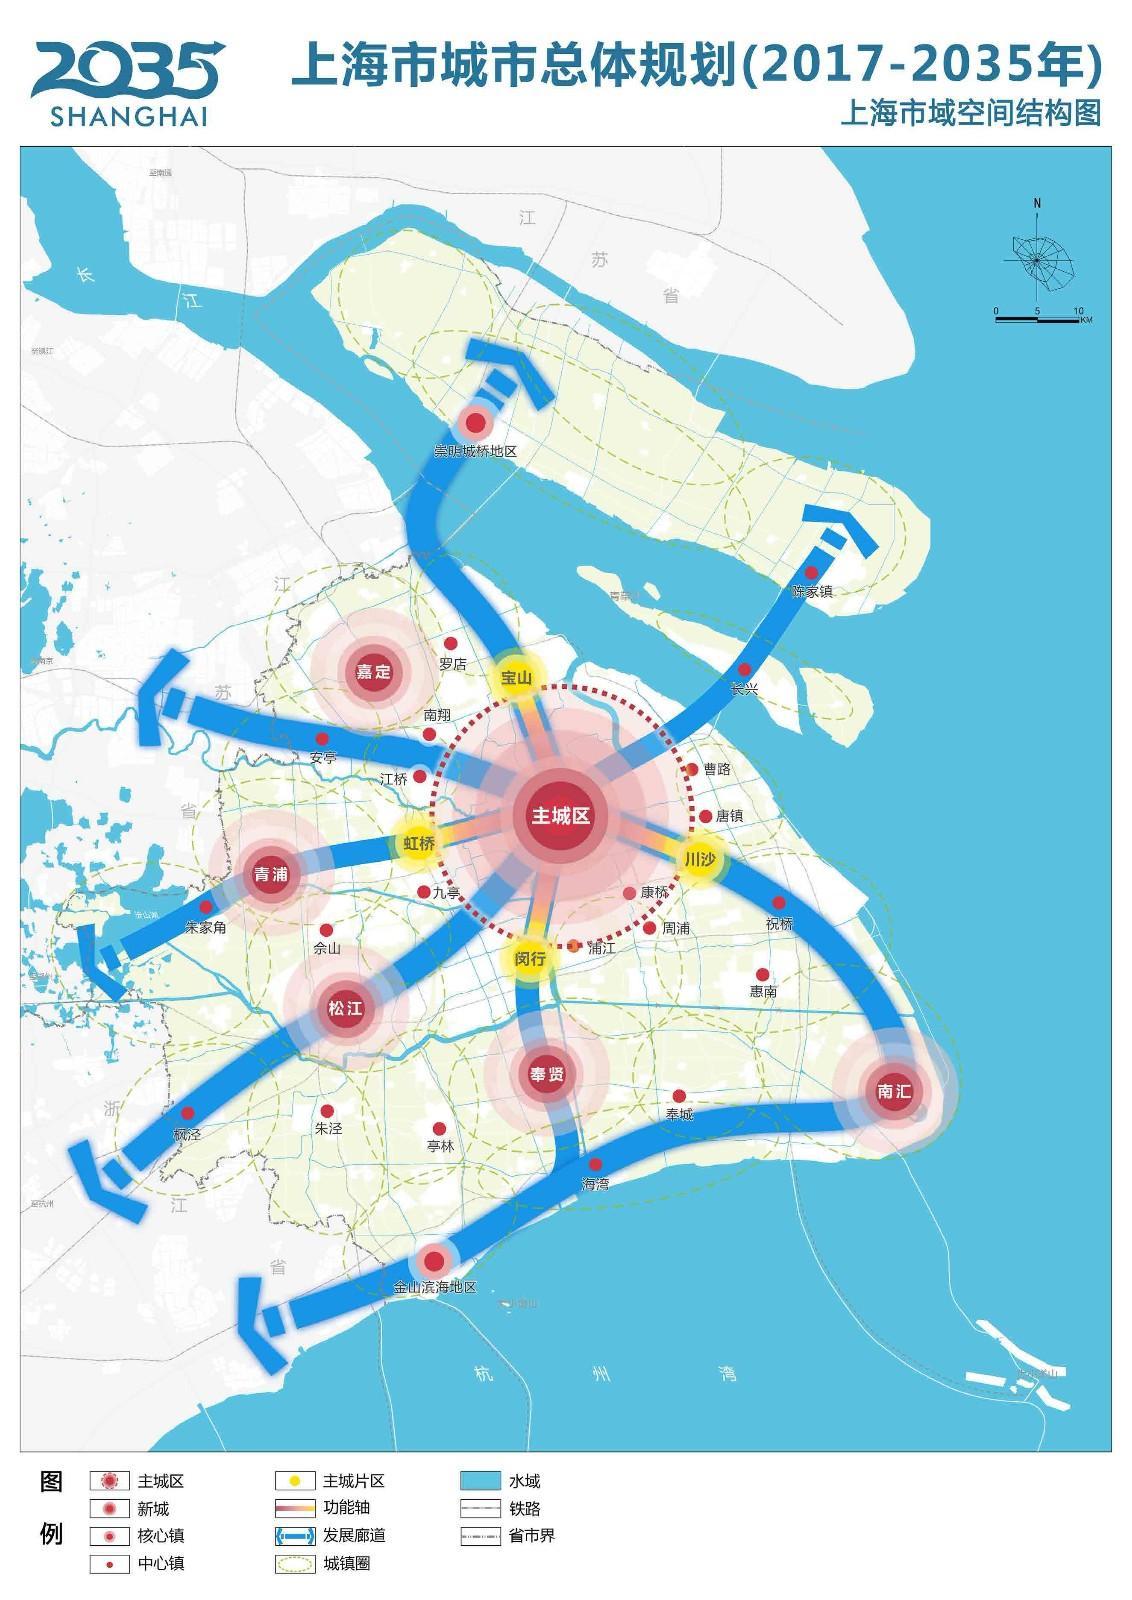 上海市浦东区_上海市城市总体规划(2017-2035年) - 知乎